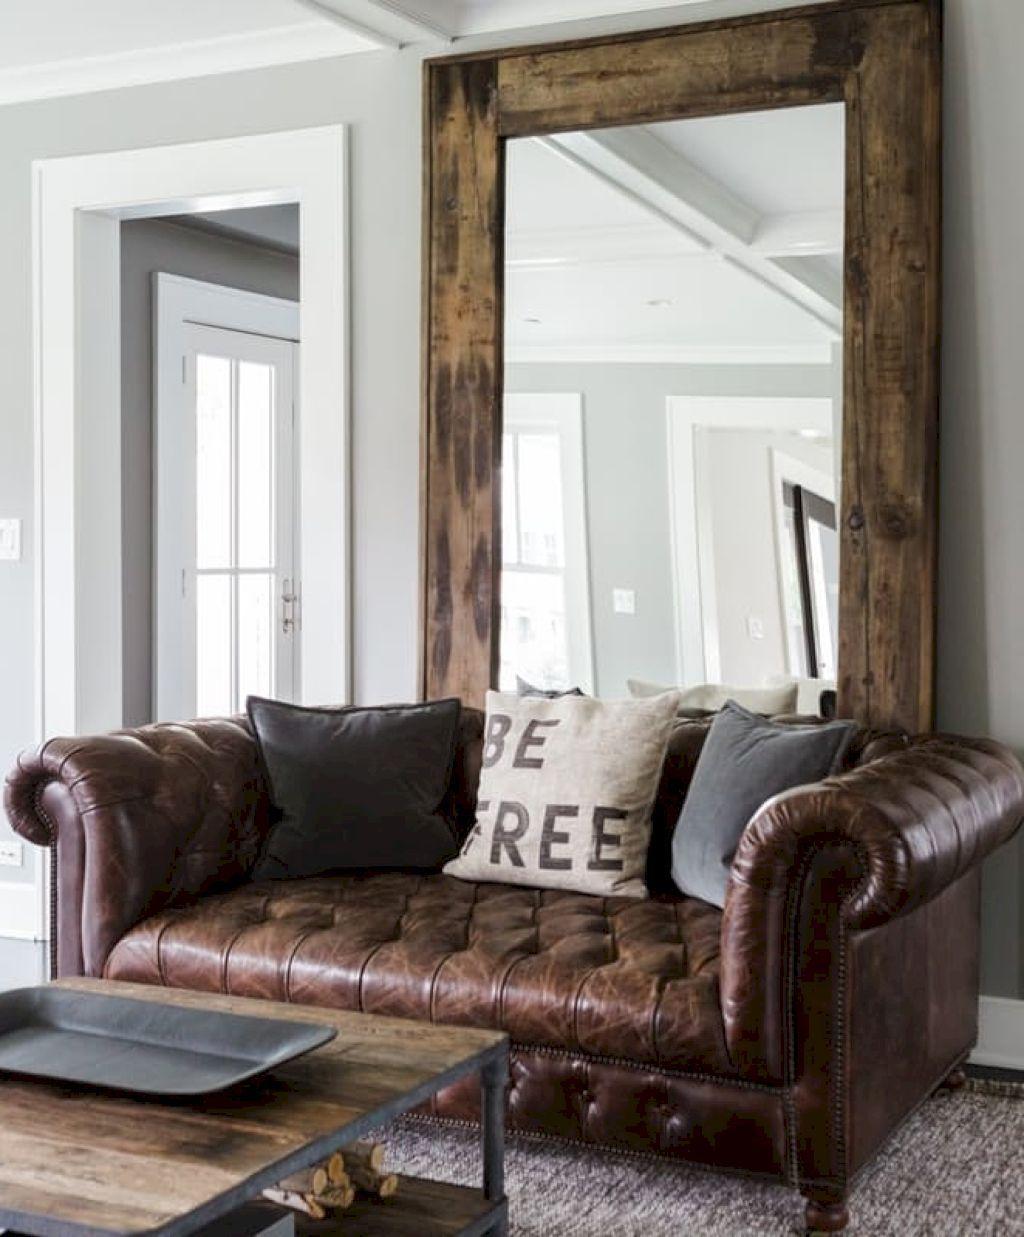 19 Awesome Rustic Farmhouse Living Room Decor Ideas | Farmhouse ...